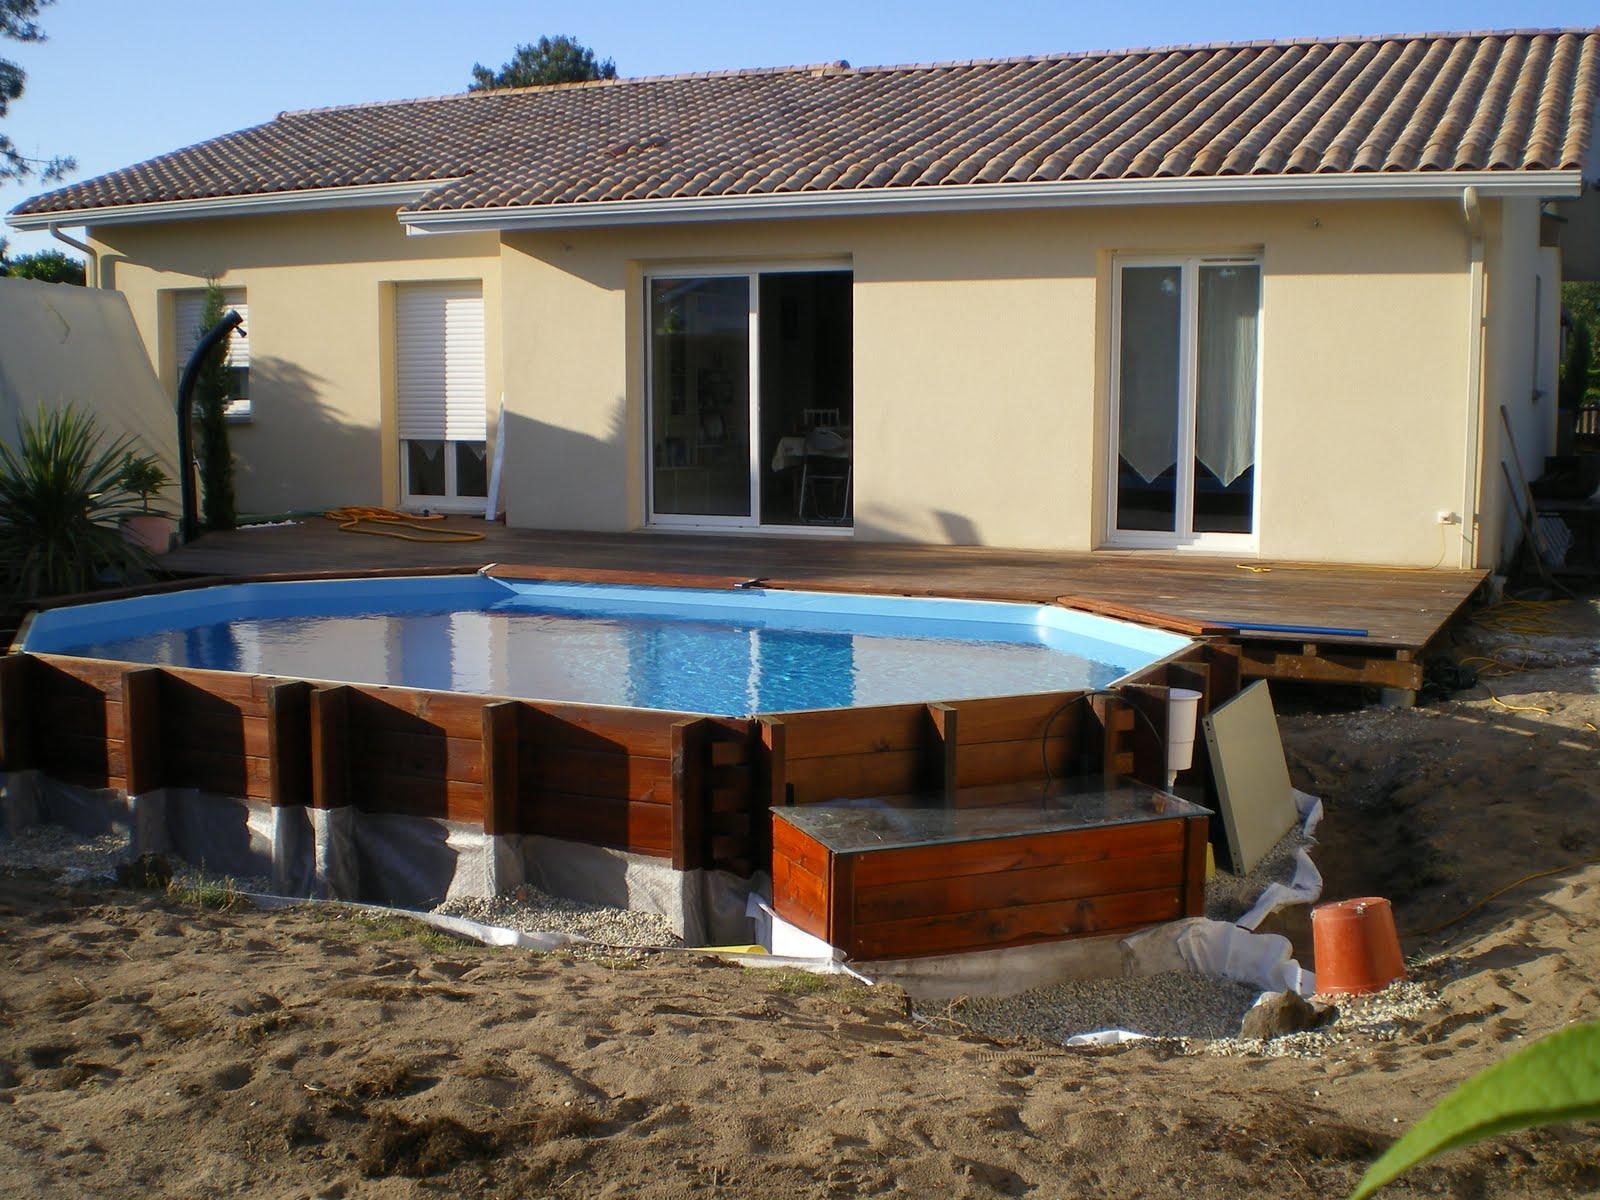 Piscine en kit bois derni re phase finitions et abords for Finition piscine beton